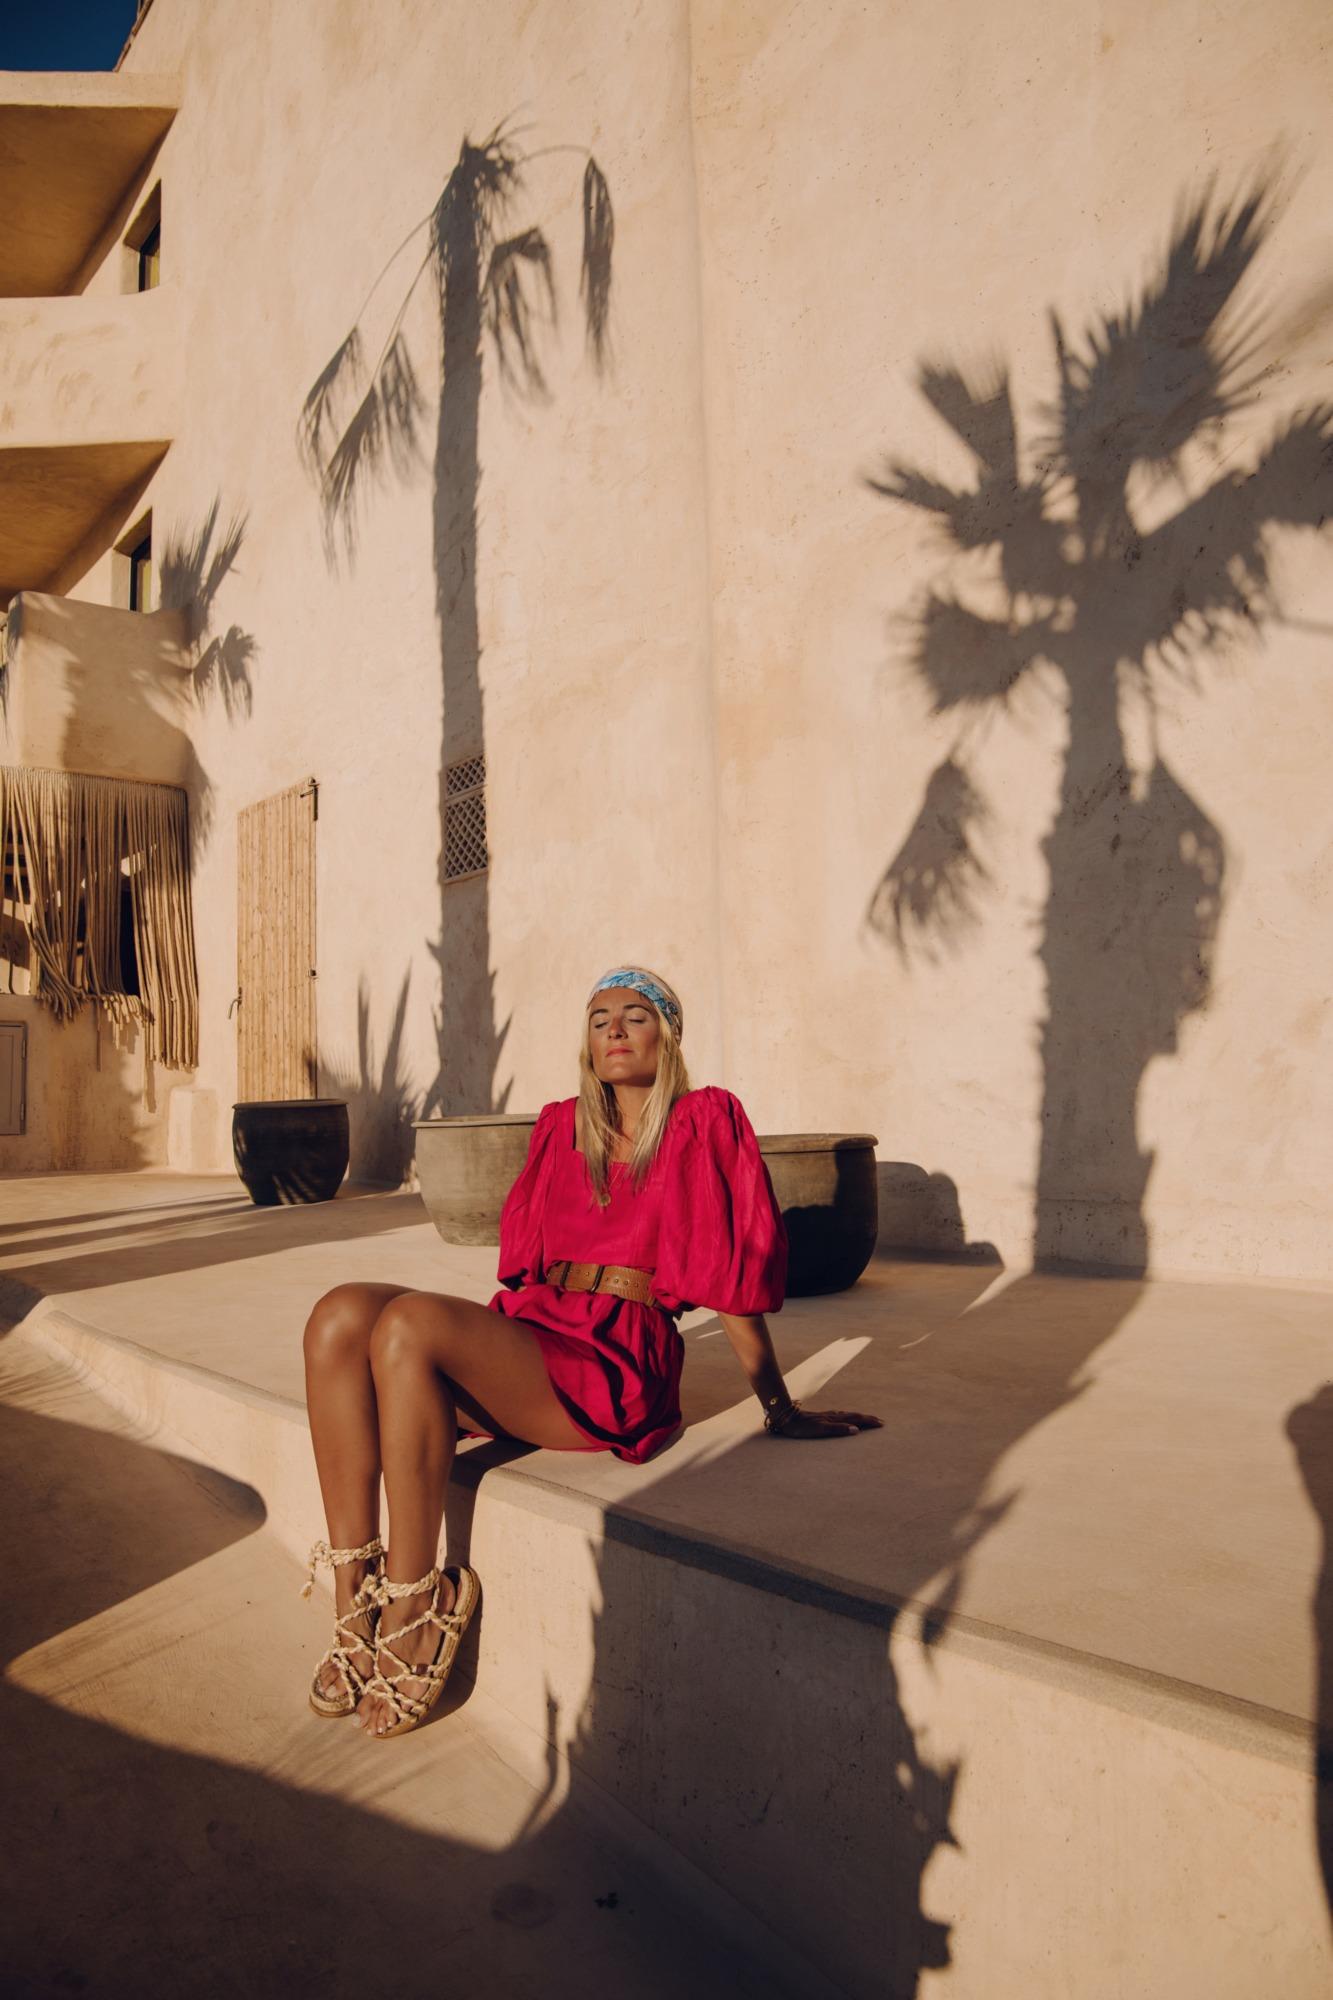 Où dormir à Formentera - Blondie Baby blog voyage